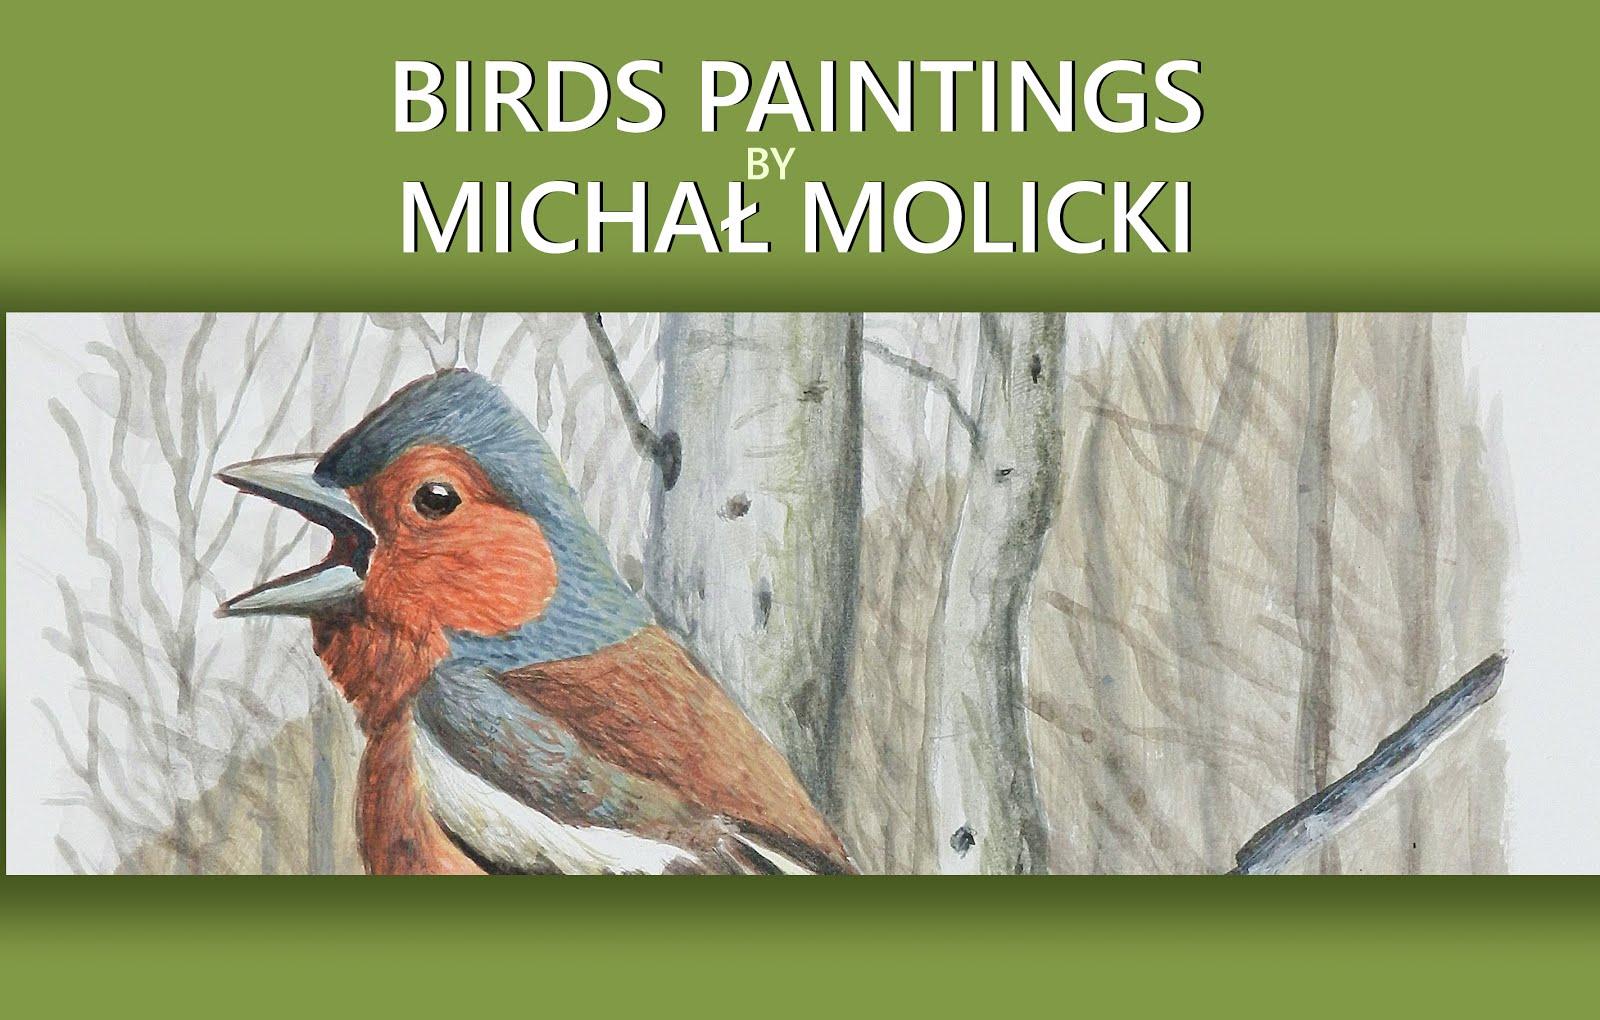 BIRDS PAINTINGS by MICHAŁ MOLICKI